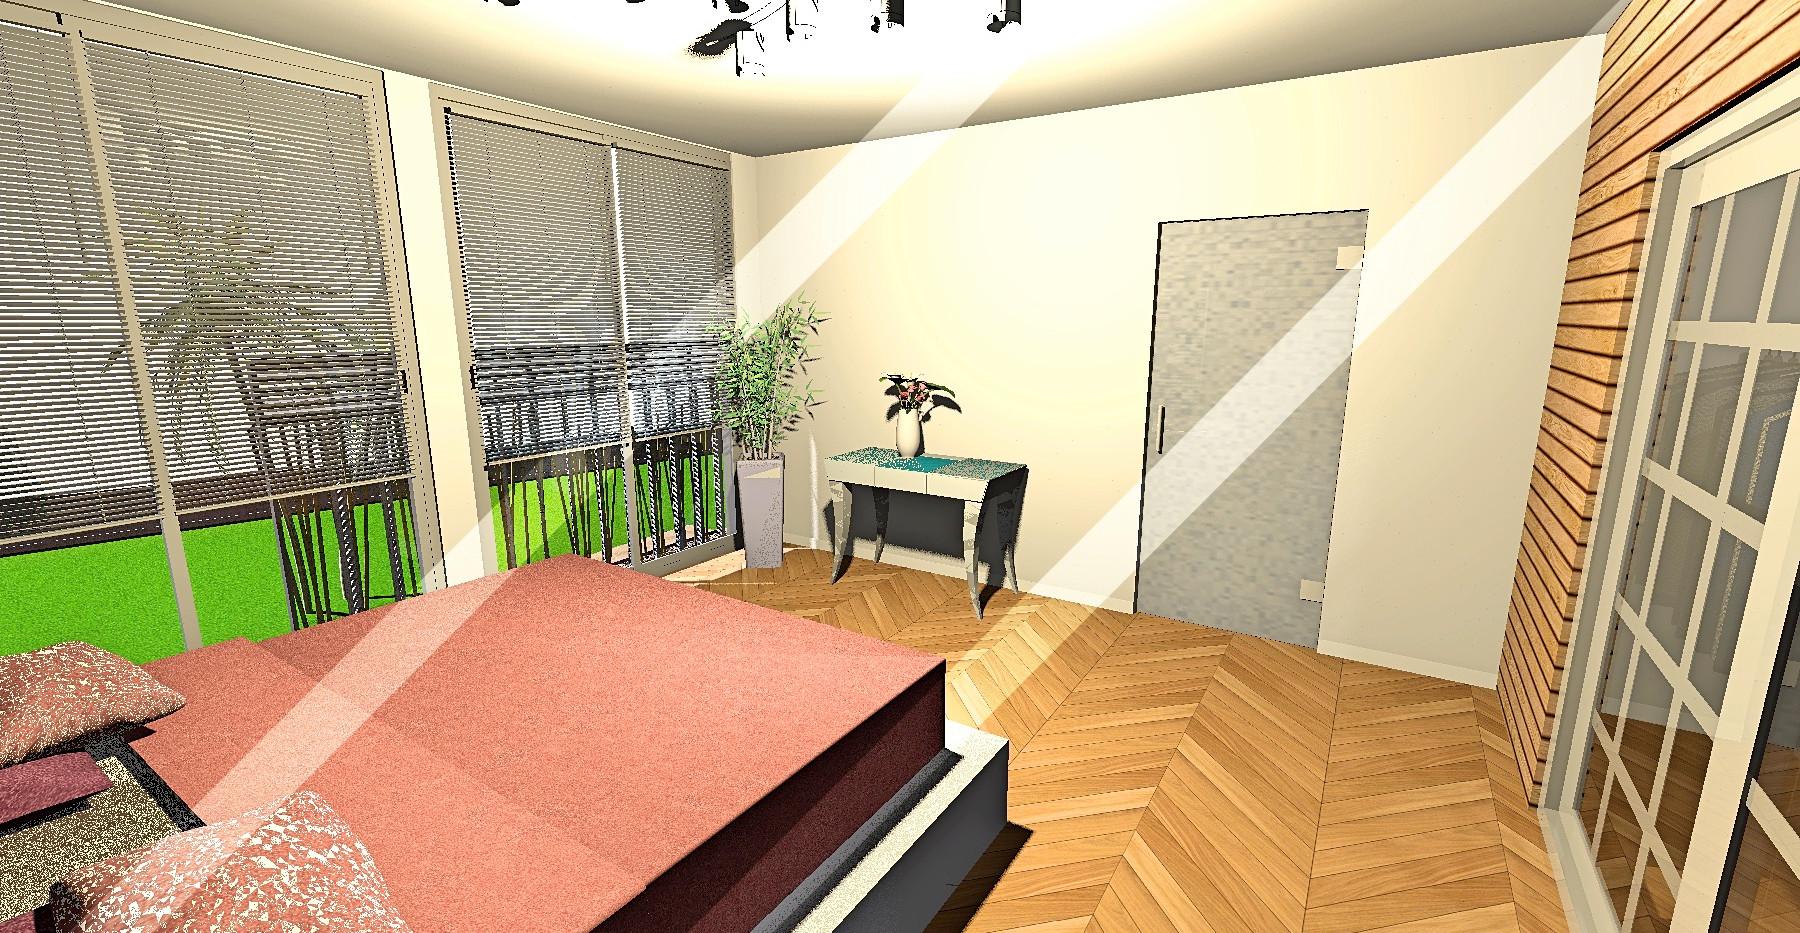 Bedroom3_Fotor.jpg